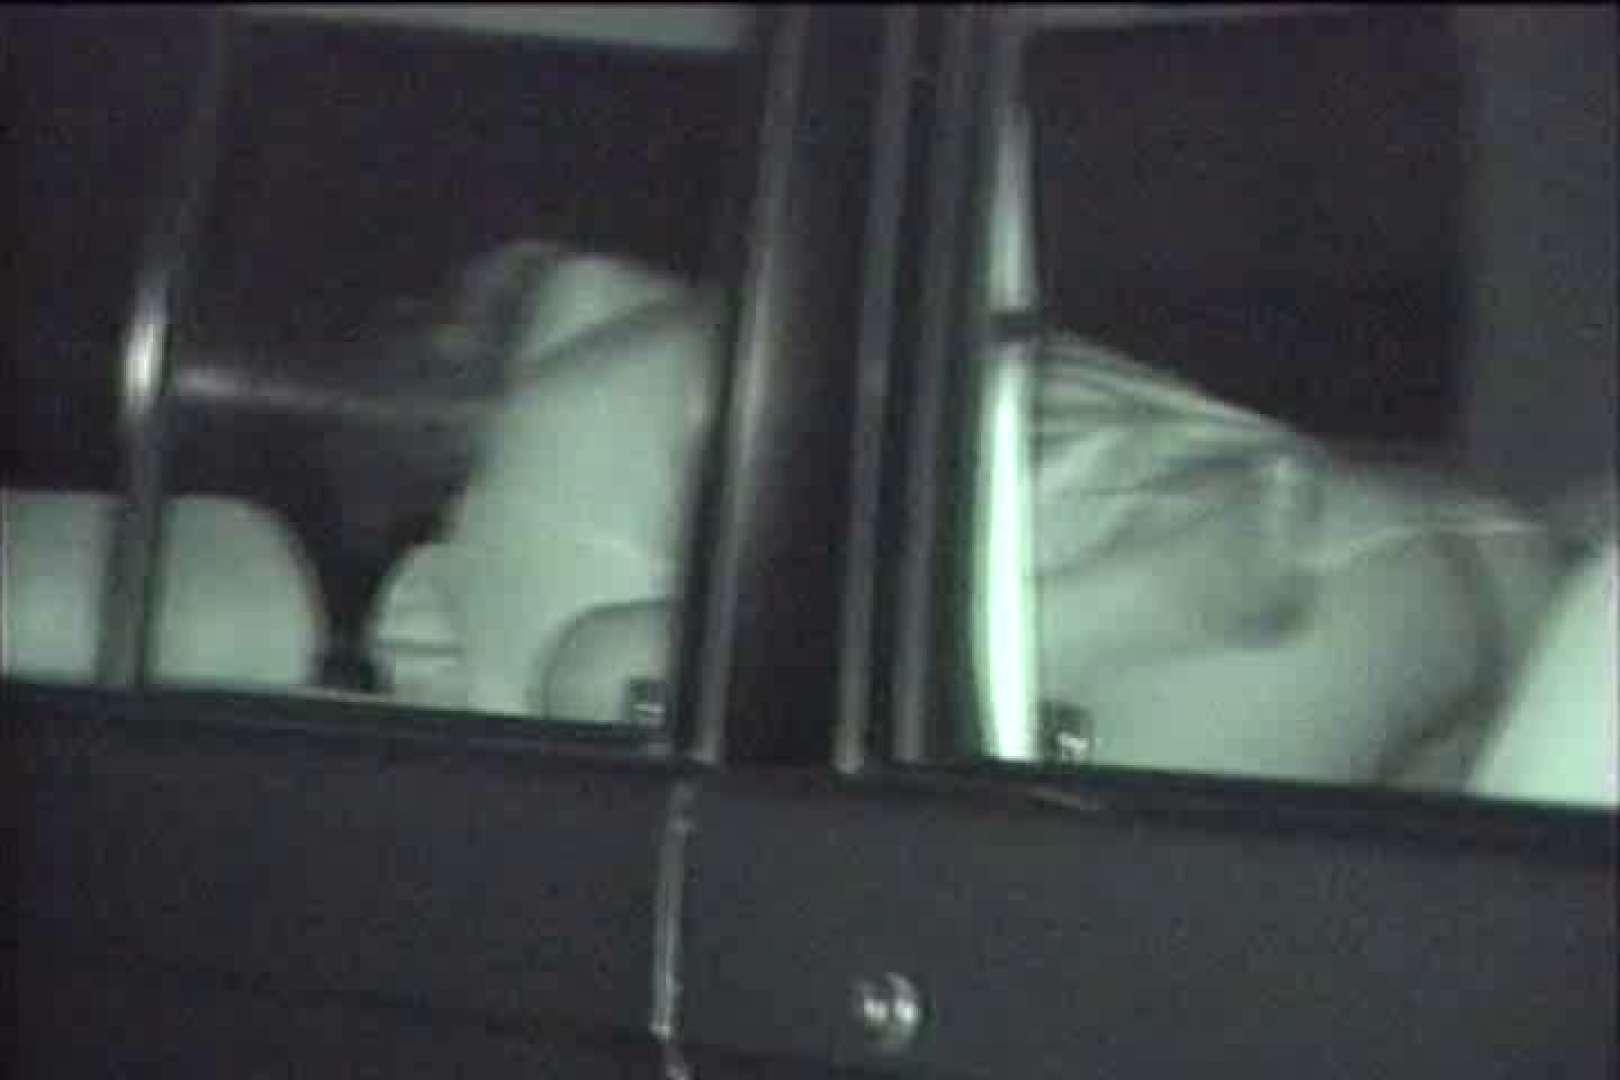 車の中はラブホテル 無修正版  Vol.16 望遠 ヌード画像 52連発 42